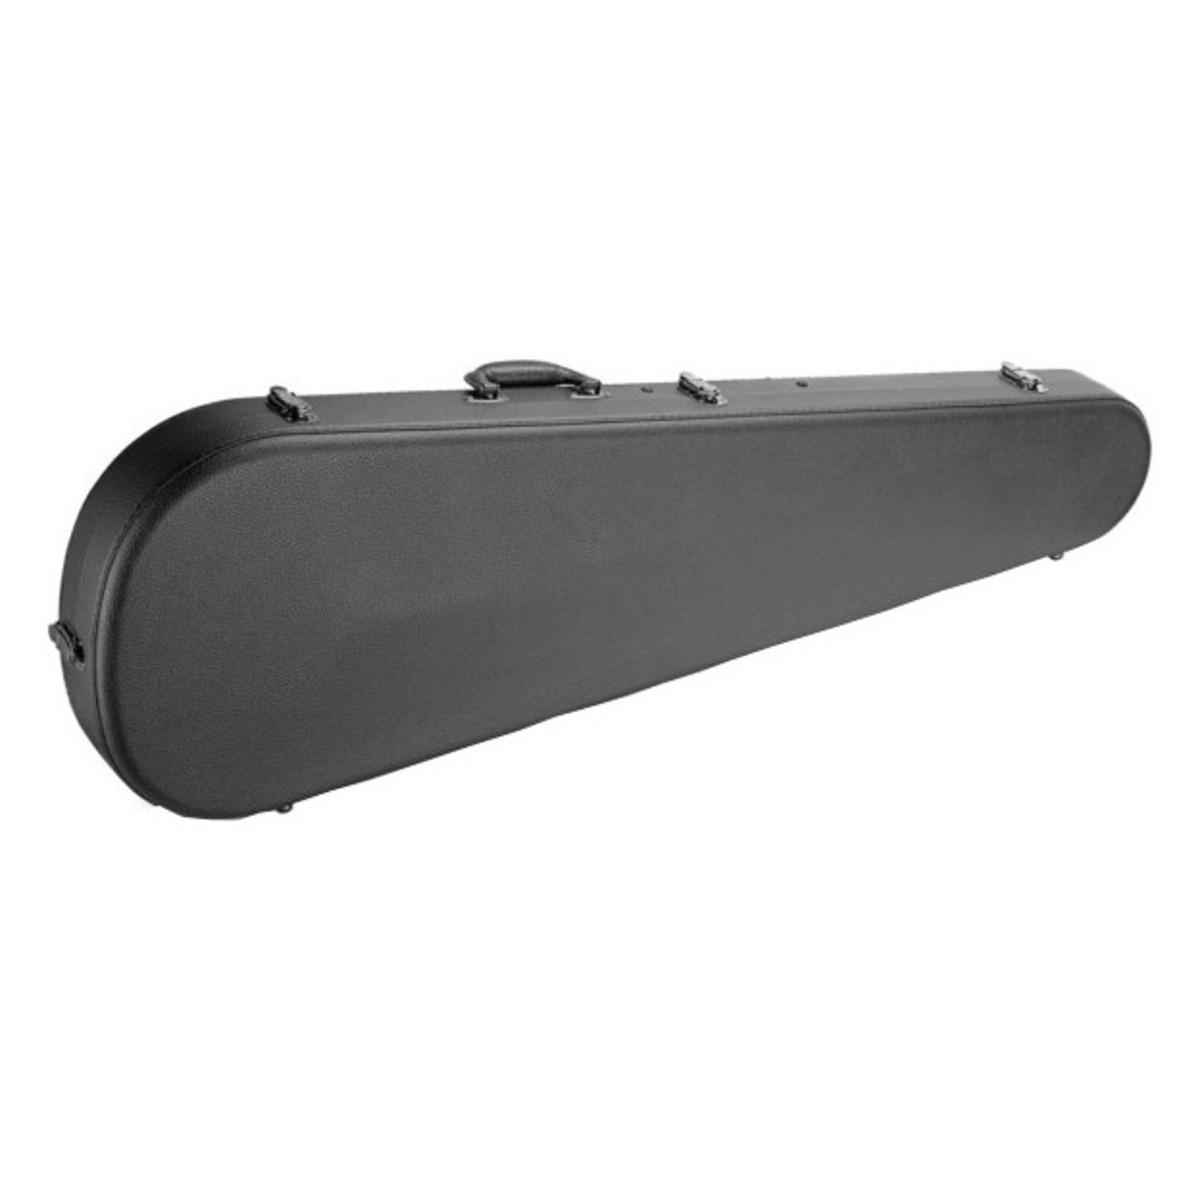 stagg bass guitar hard case polyurethane at. Black Bedroom Furniture Sets. Home Design Ideas